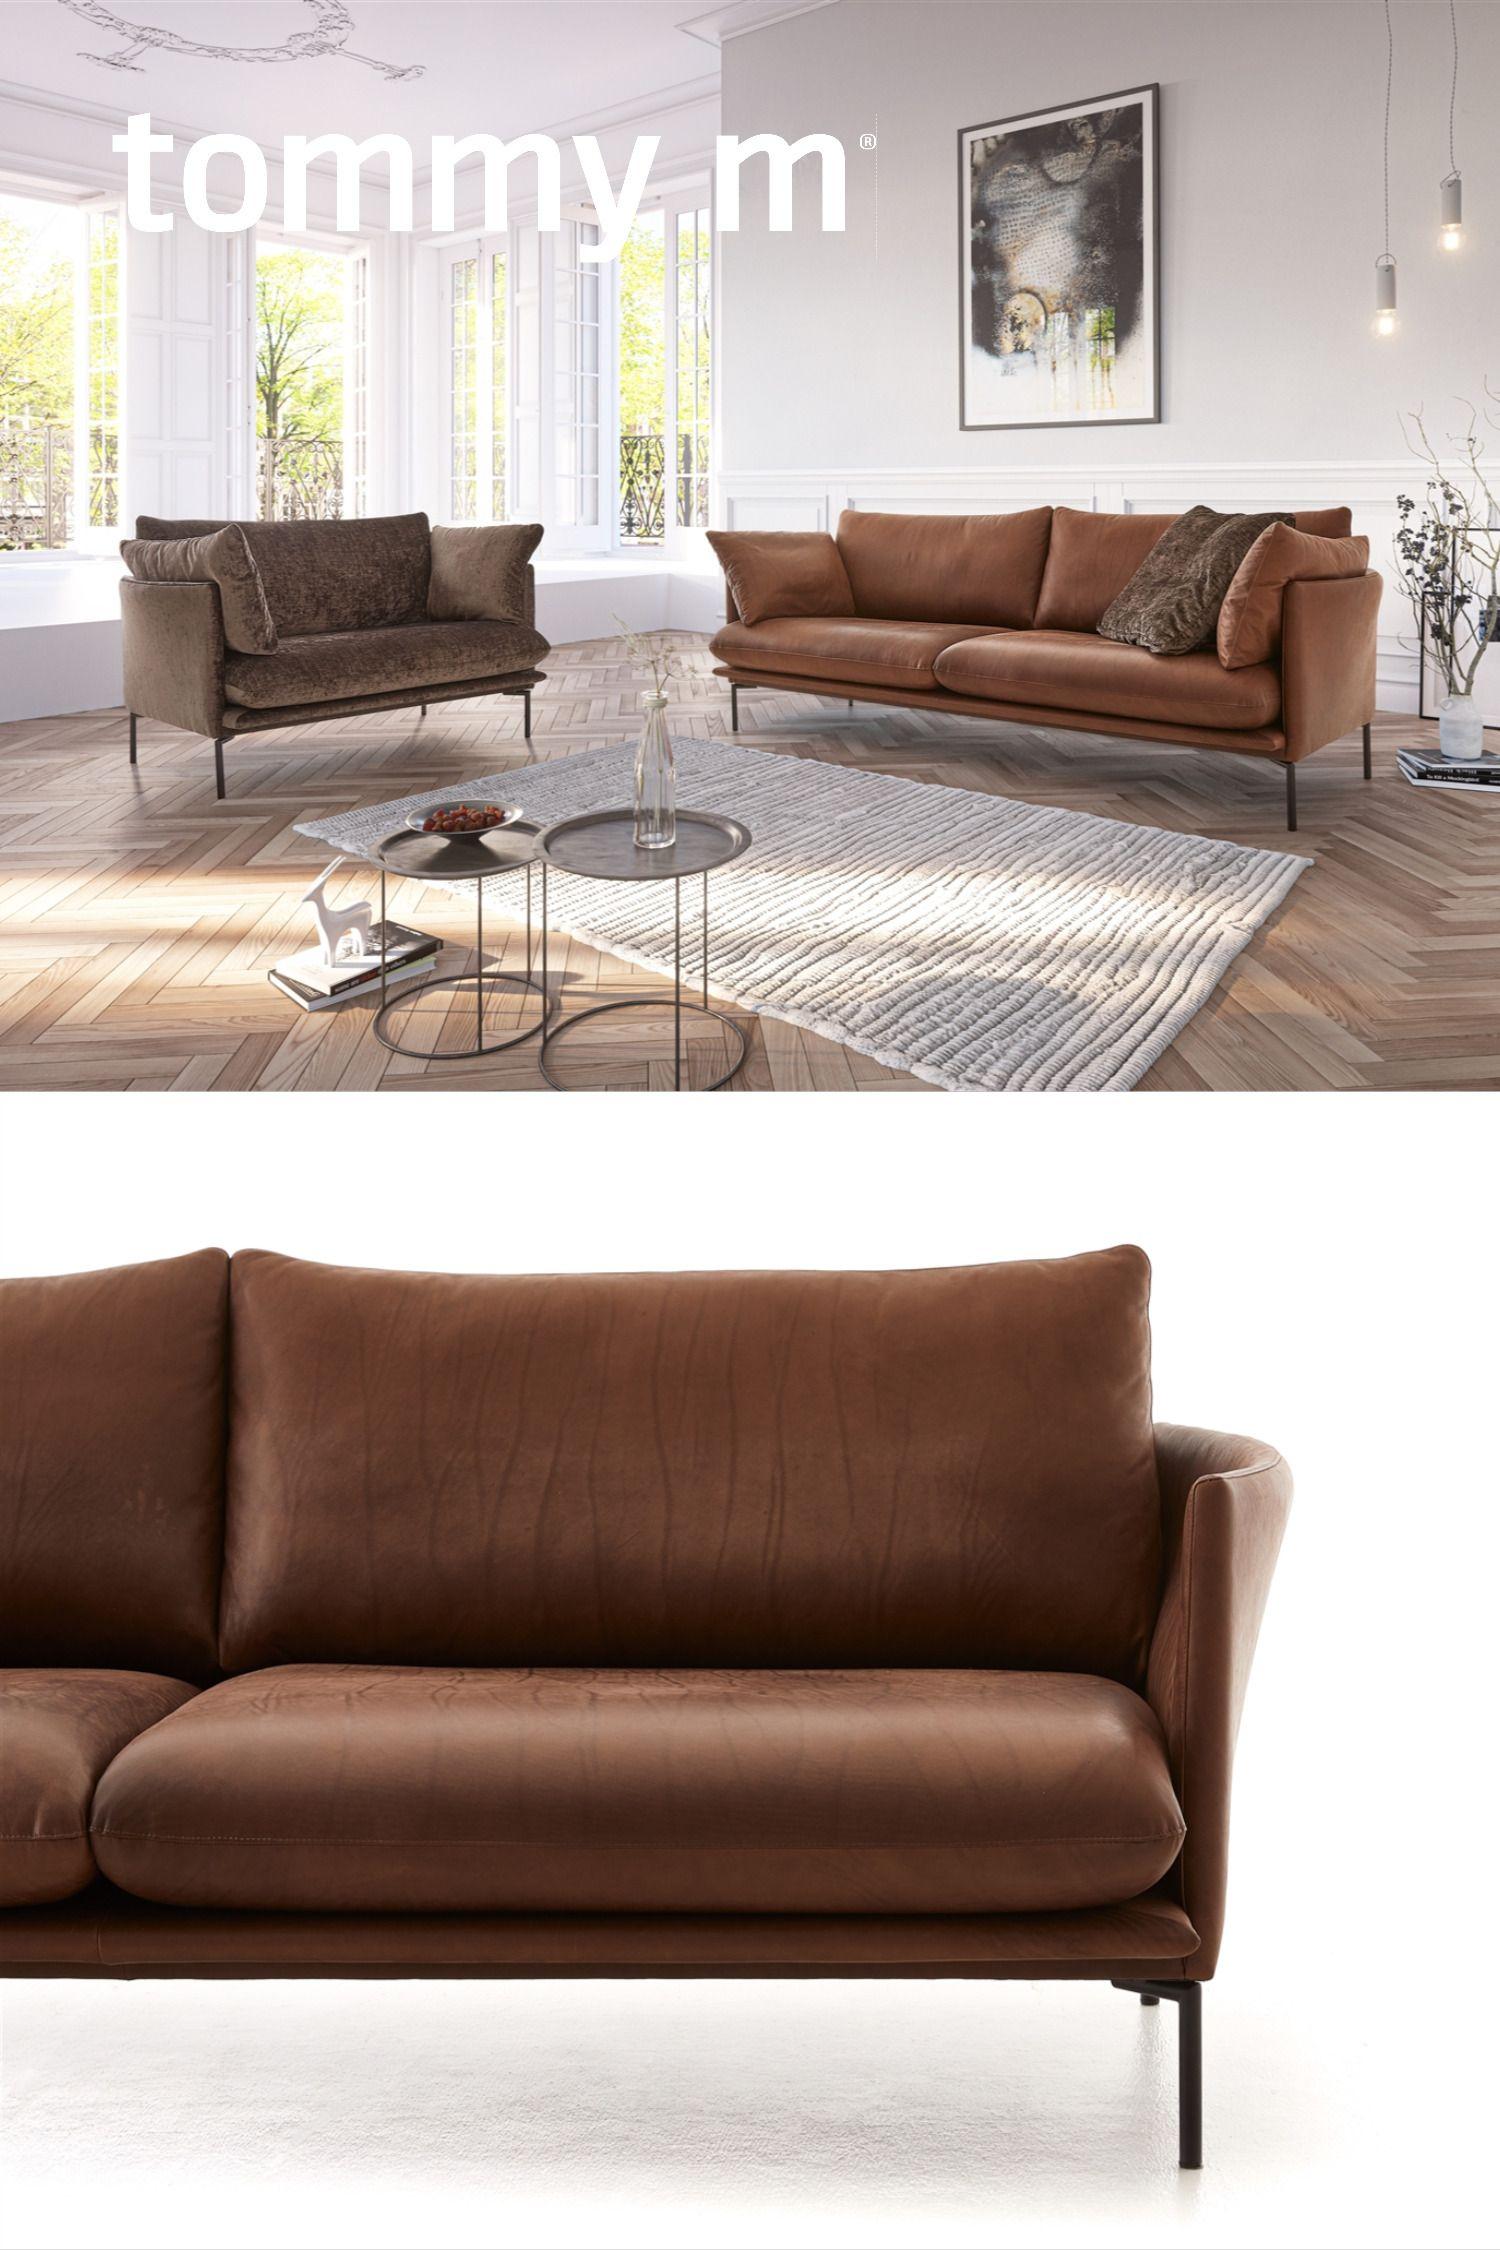 Das Wildbelassene Samtweiche Anilin Leder Zeigt In Dieser Farbe Ganz Besonders Seine Naturlichkeit Und Verschmilzt Formlich Mit Mit Bildern Sofa Design Wohnen Wohn Mobel